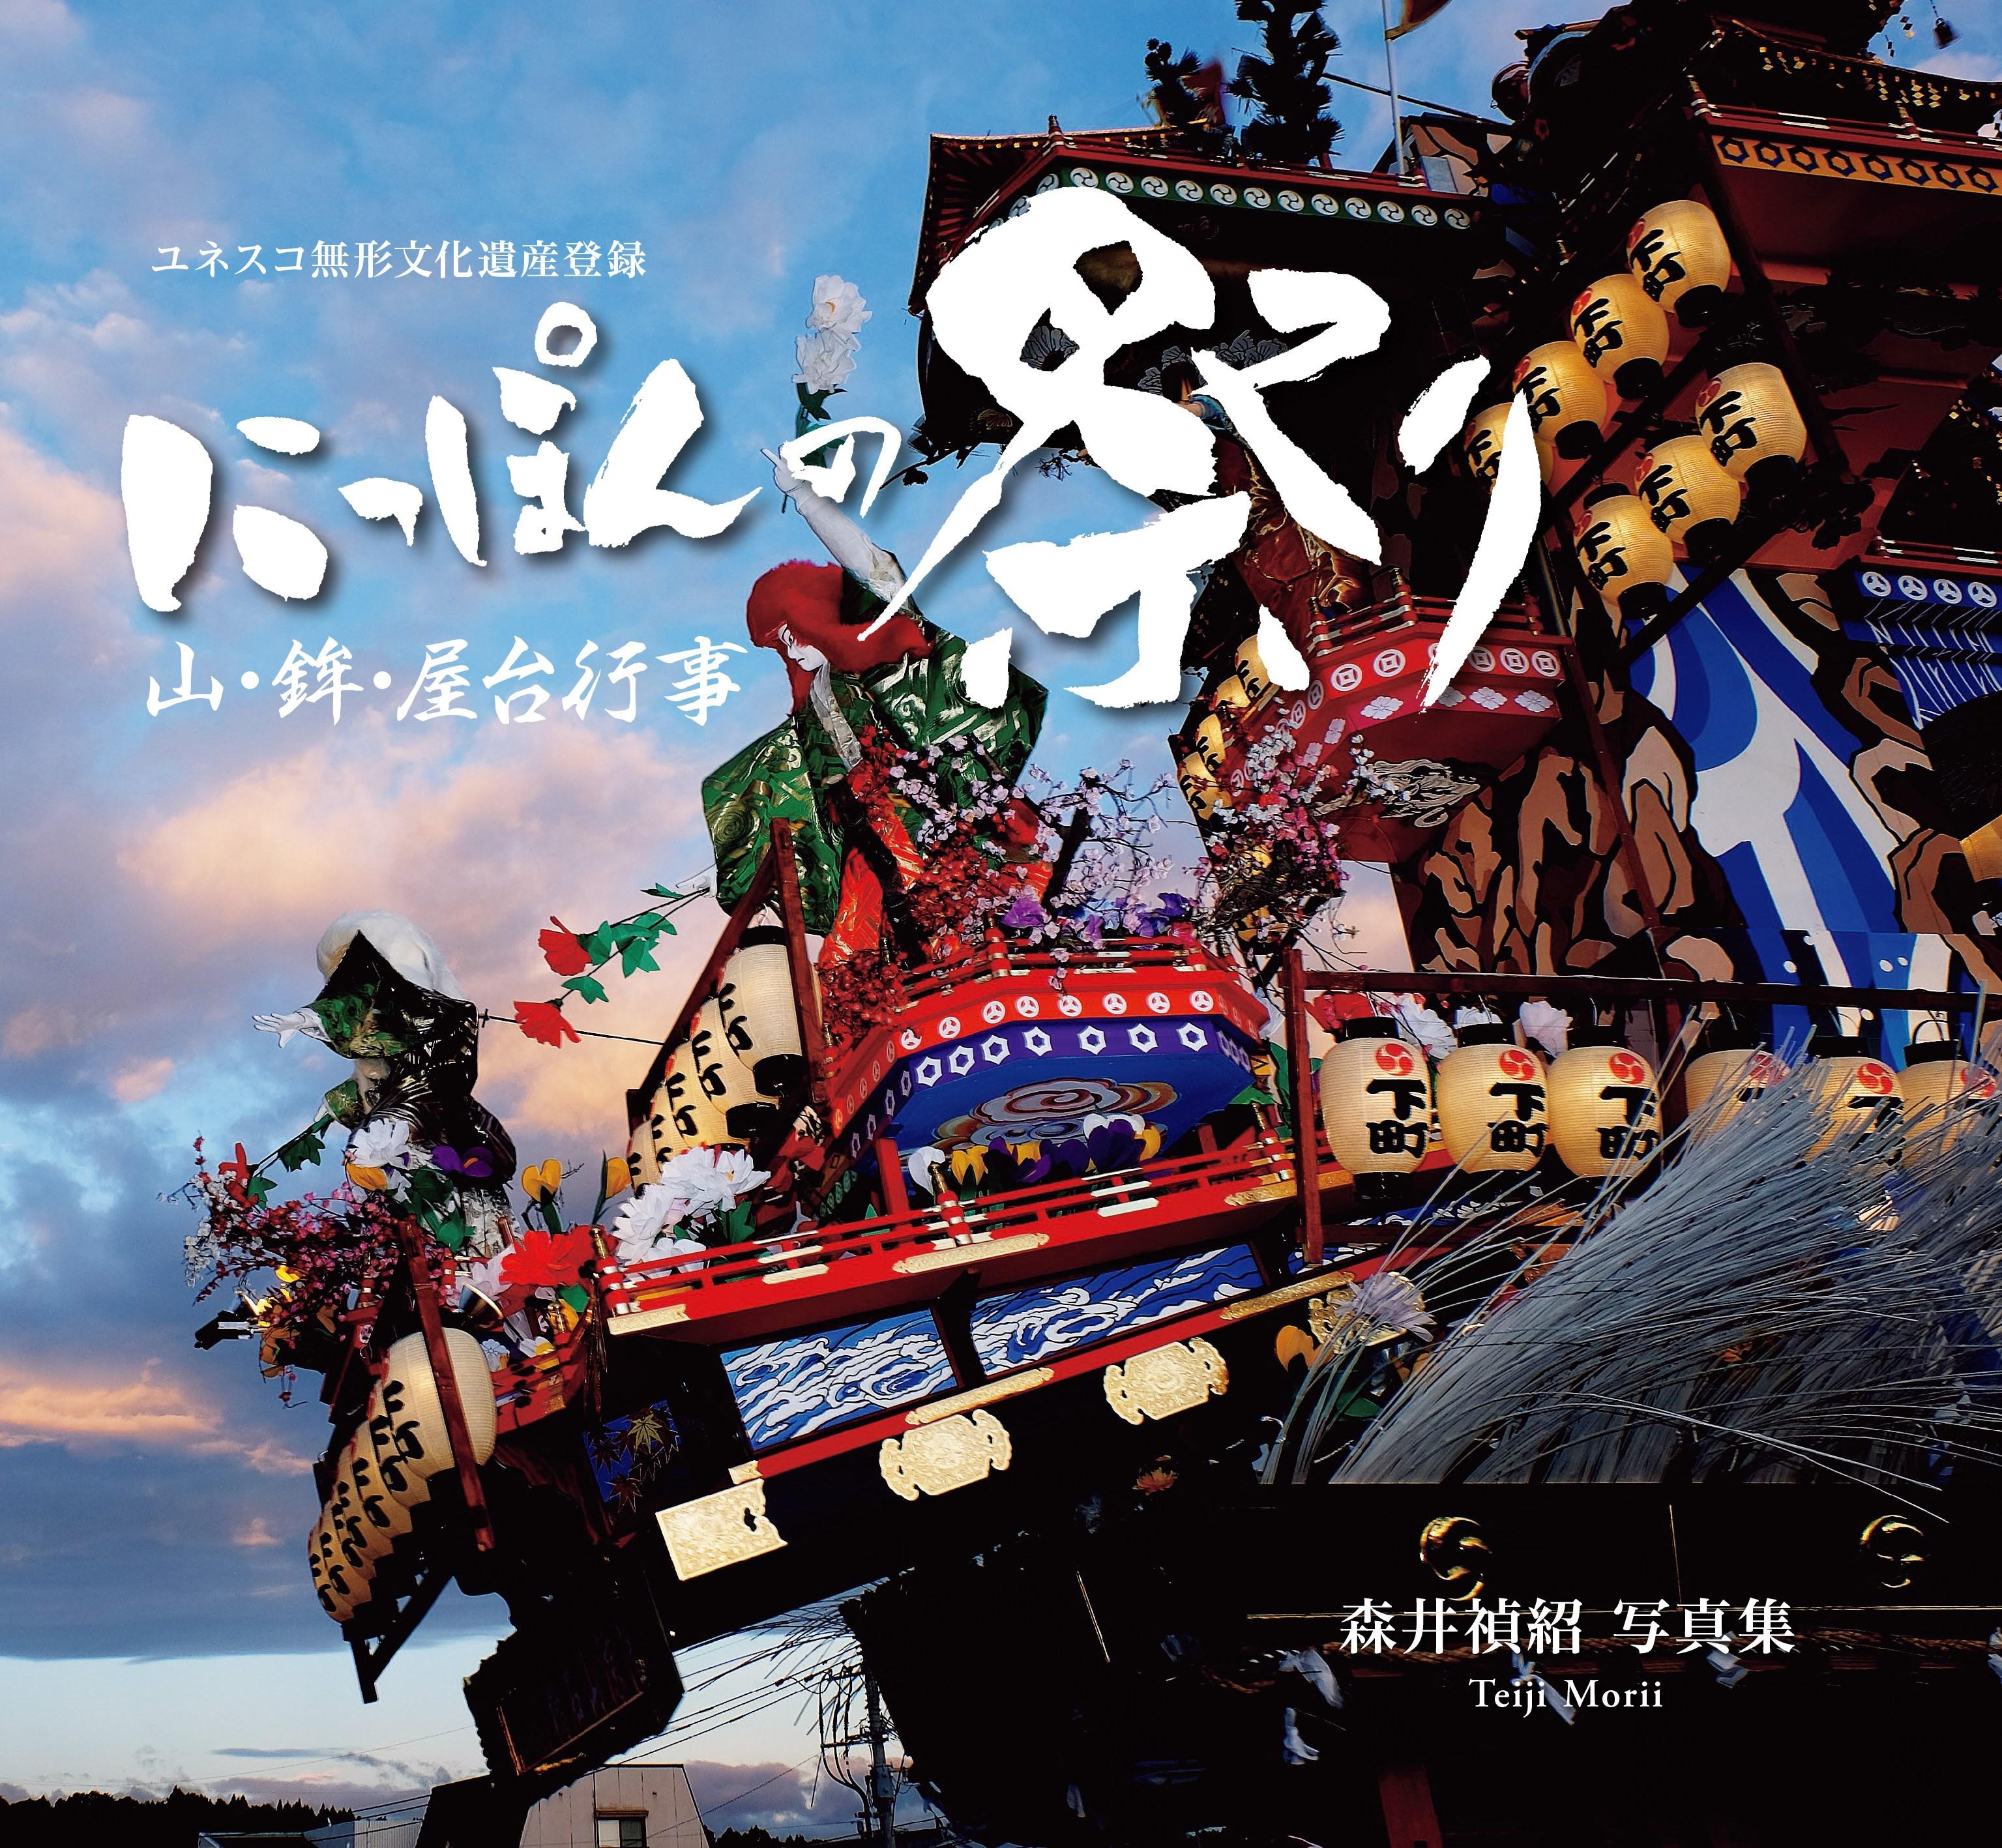 にっぽんの祭り 山・鉾・屋台行事